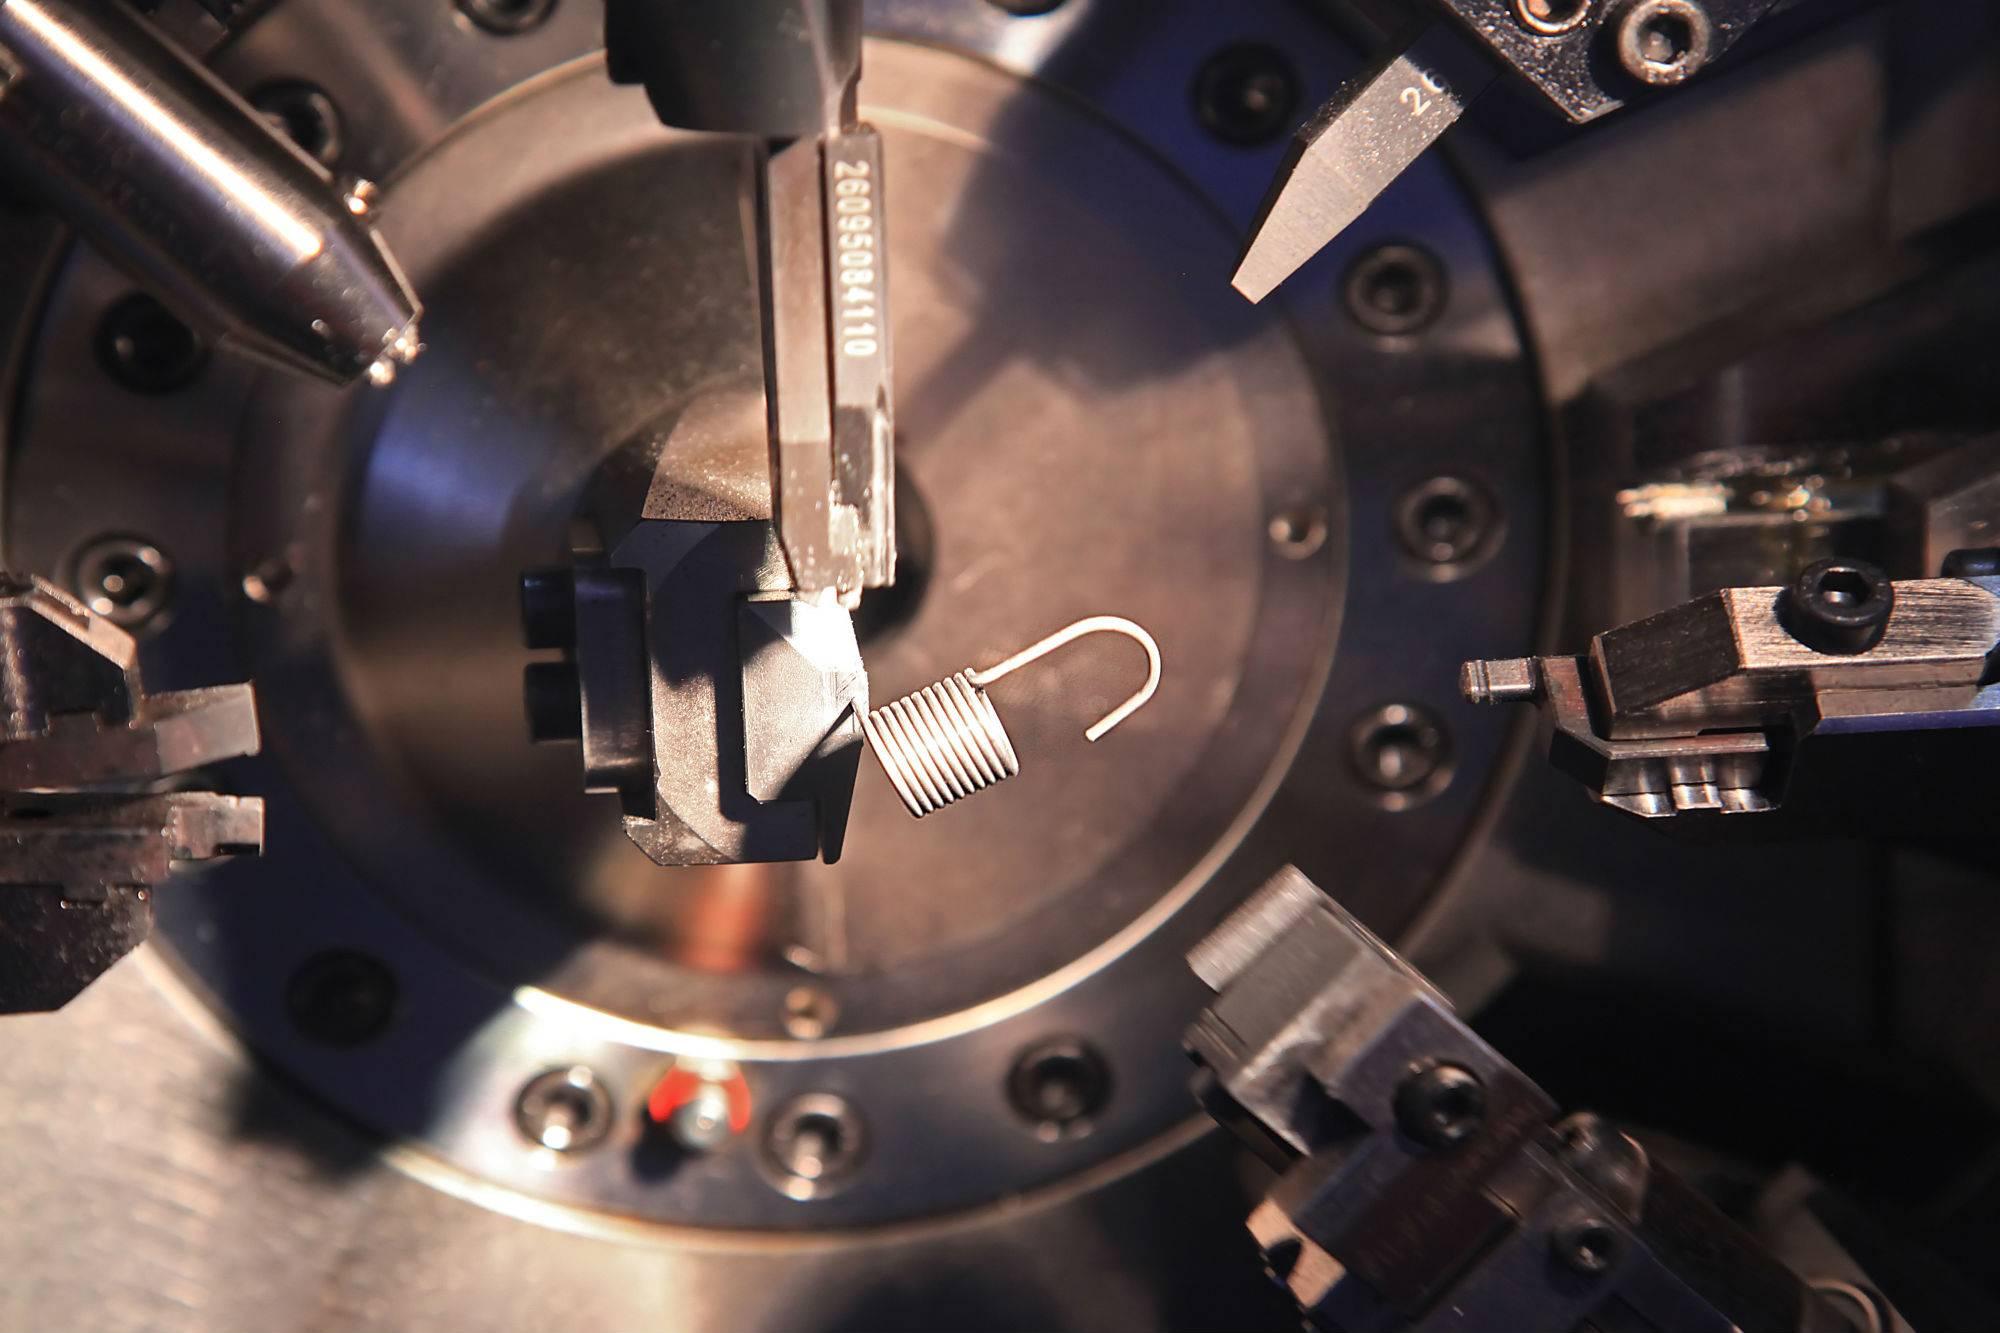 spęzyny-produkcja-elementów-stalwych-dla-przemysłu-warszawa